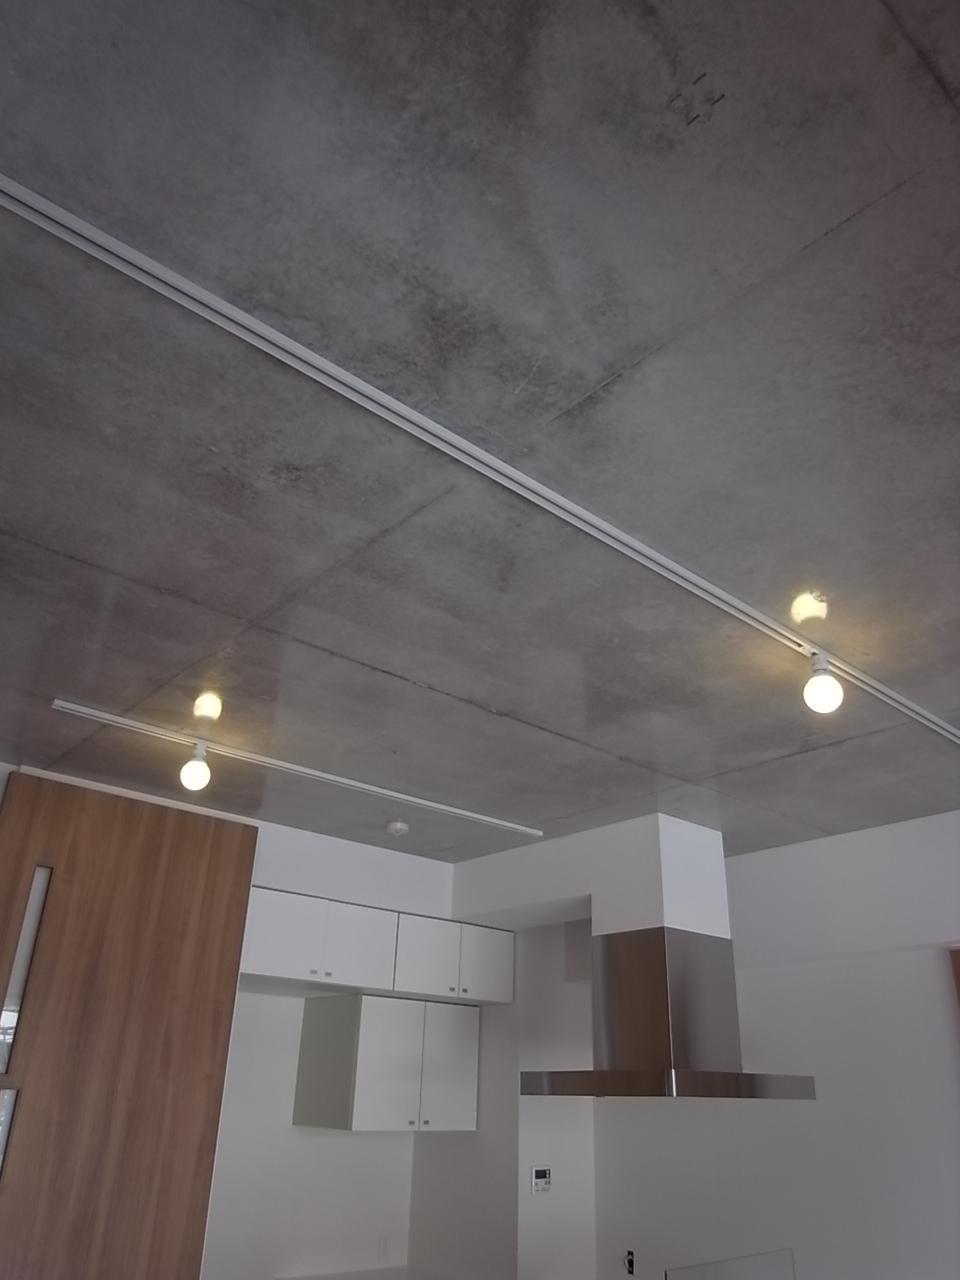 コンクリート天井に照明が映り込みいい雰囲気。